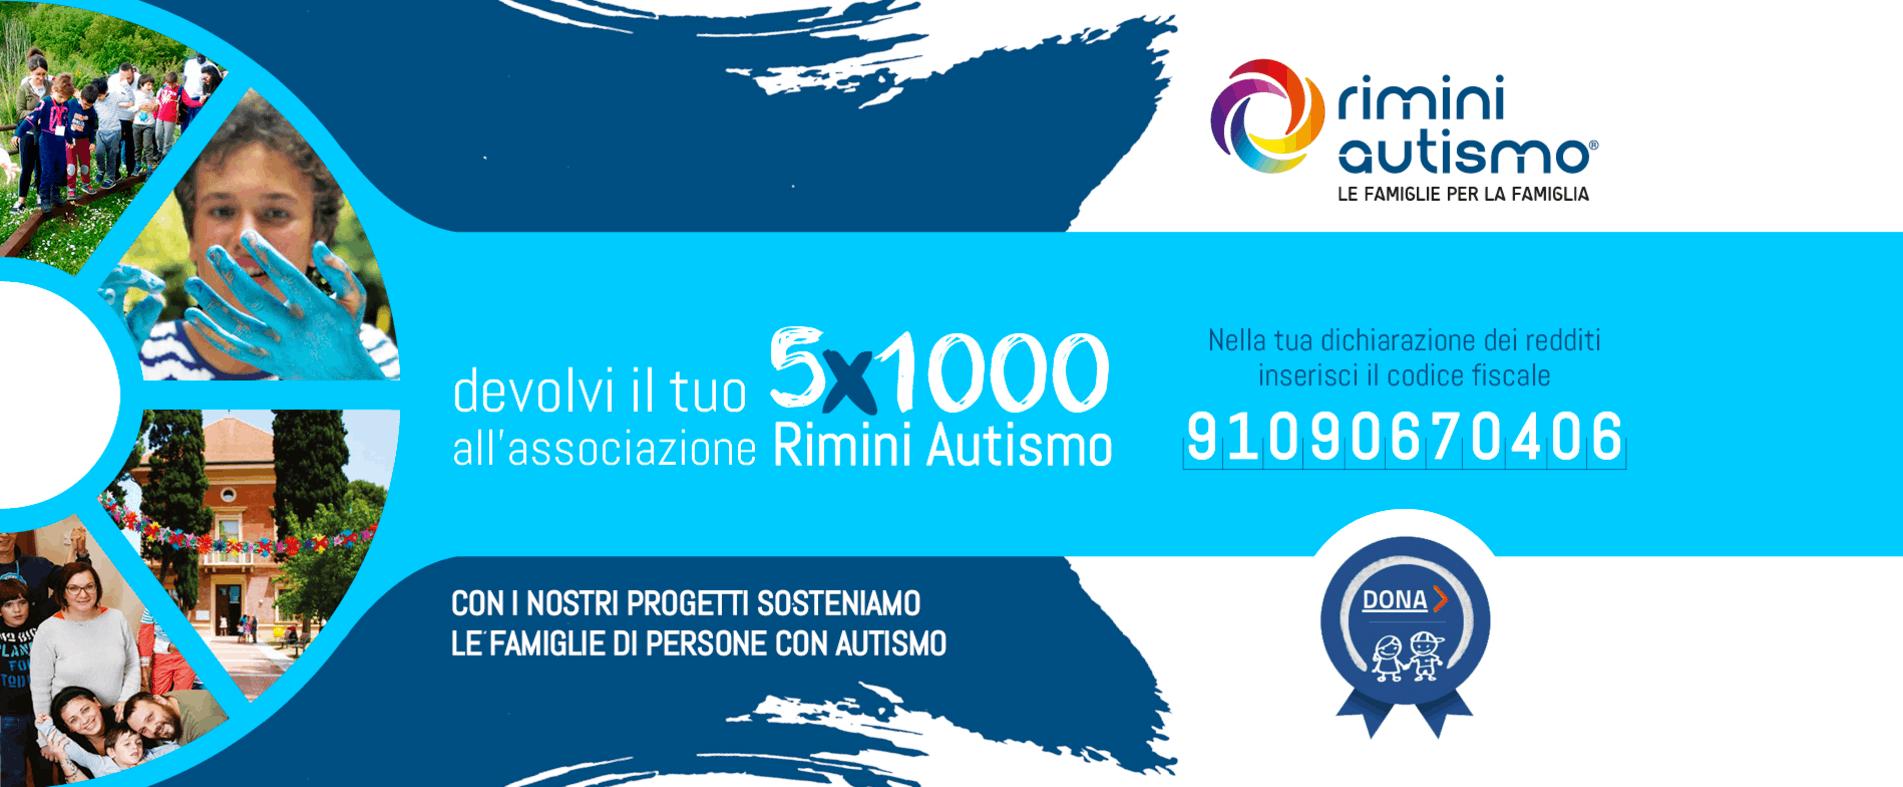 5x1000 Rimini Autismo Onlus